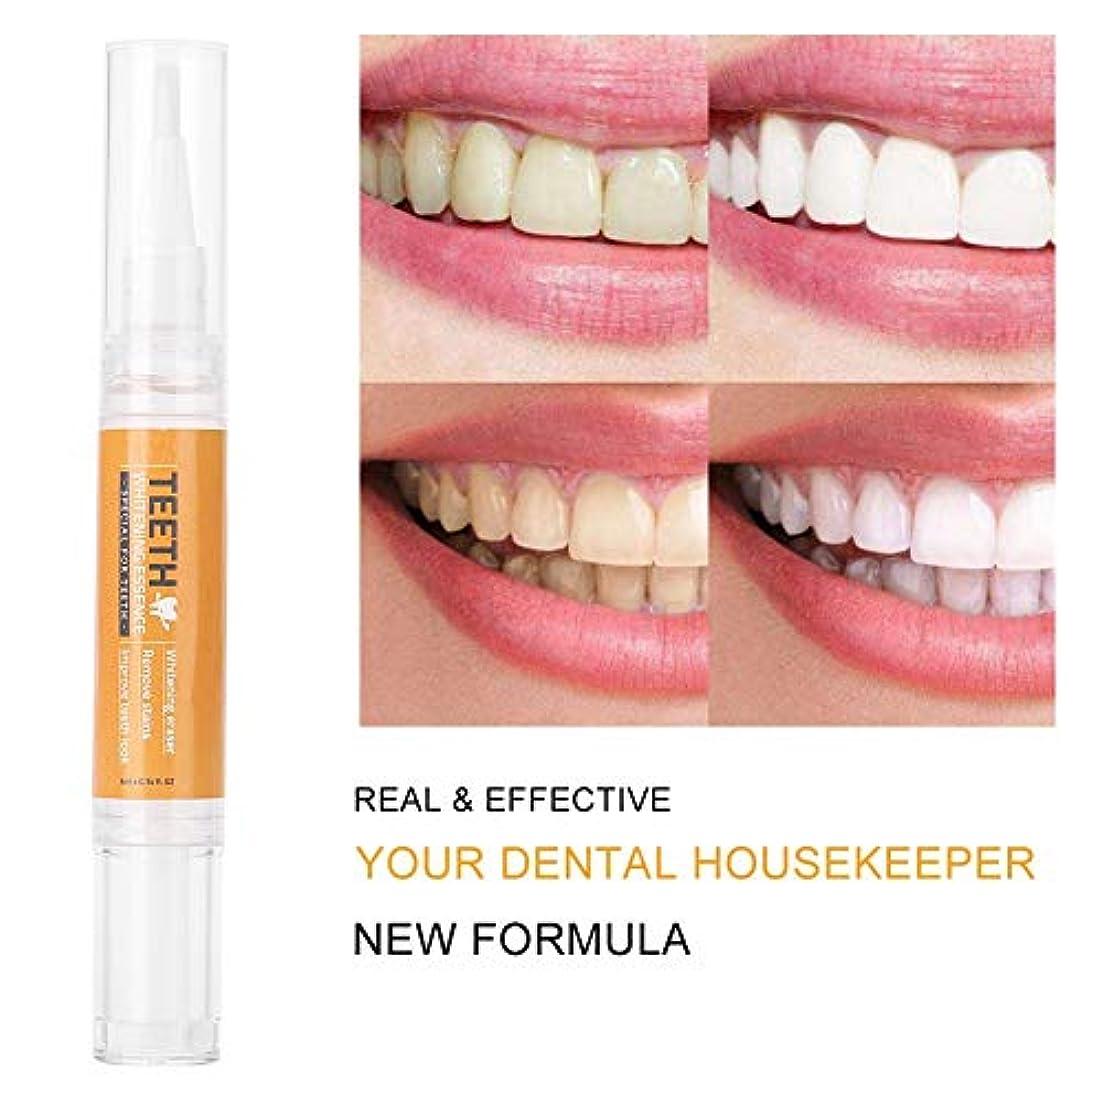 オーラル流行しているシソーラス歯のホワイトニングペン 歯磨きペン 歯汚れ除去歯を白く 美白効果 歯のケアツール